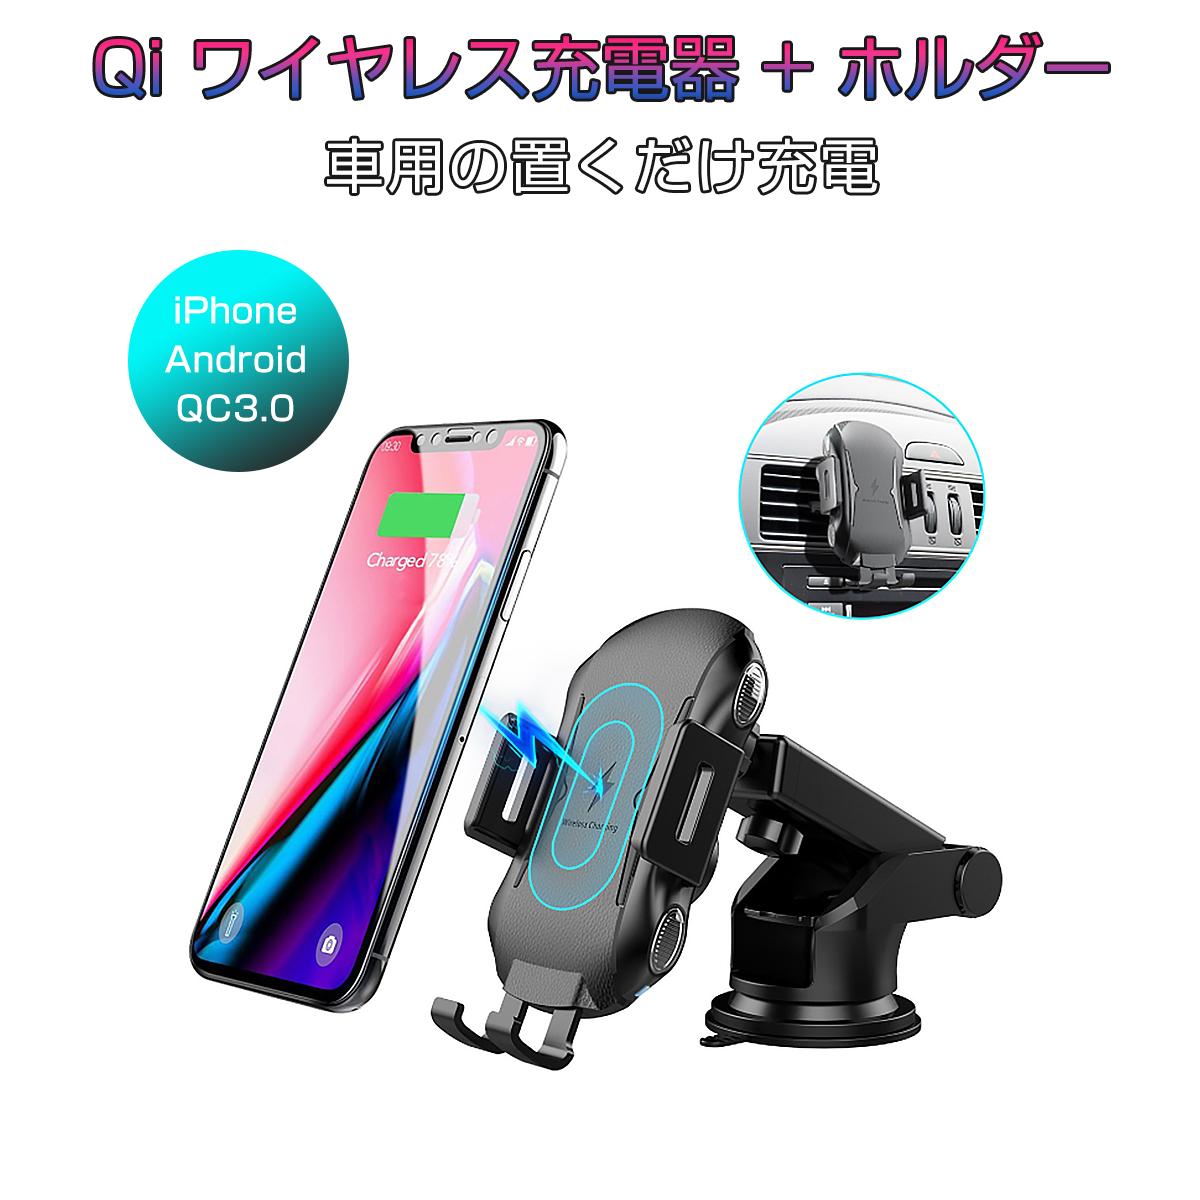 車載 Qiワイヤレス充電器ホルダー 吹出口取付け 吸盤式 2Way 10W 急速充電対応 360度回転 赤外線センサーによる自動開閉 Qi搭載のスマホにほぼ対応 iPhone Android Galaxyなど対応 宅配便送料無料 1ヶ月保証 K&M